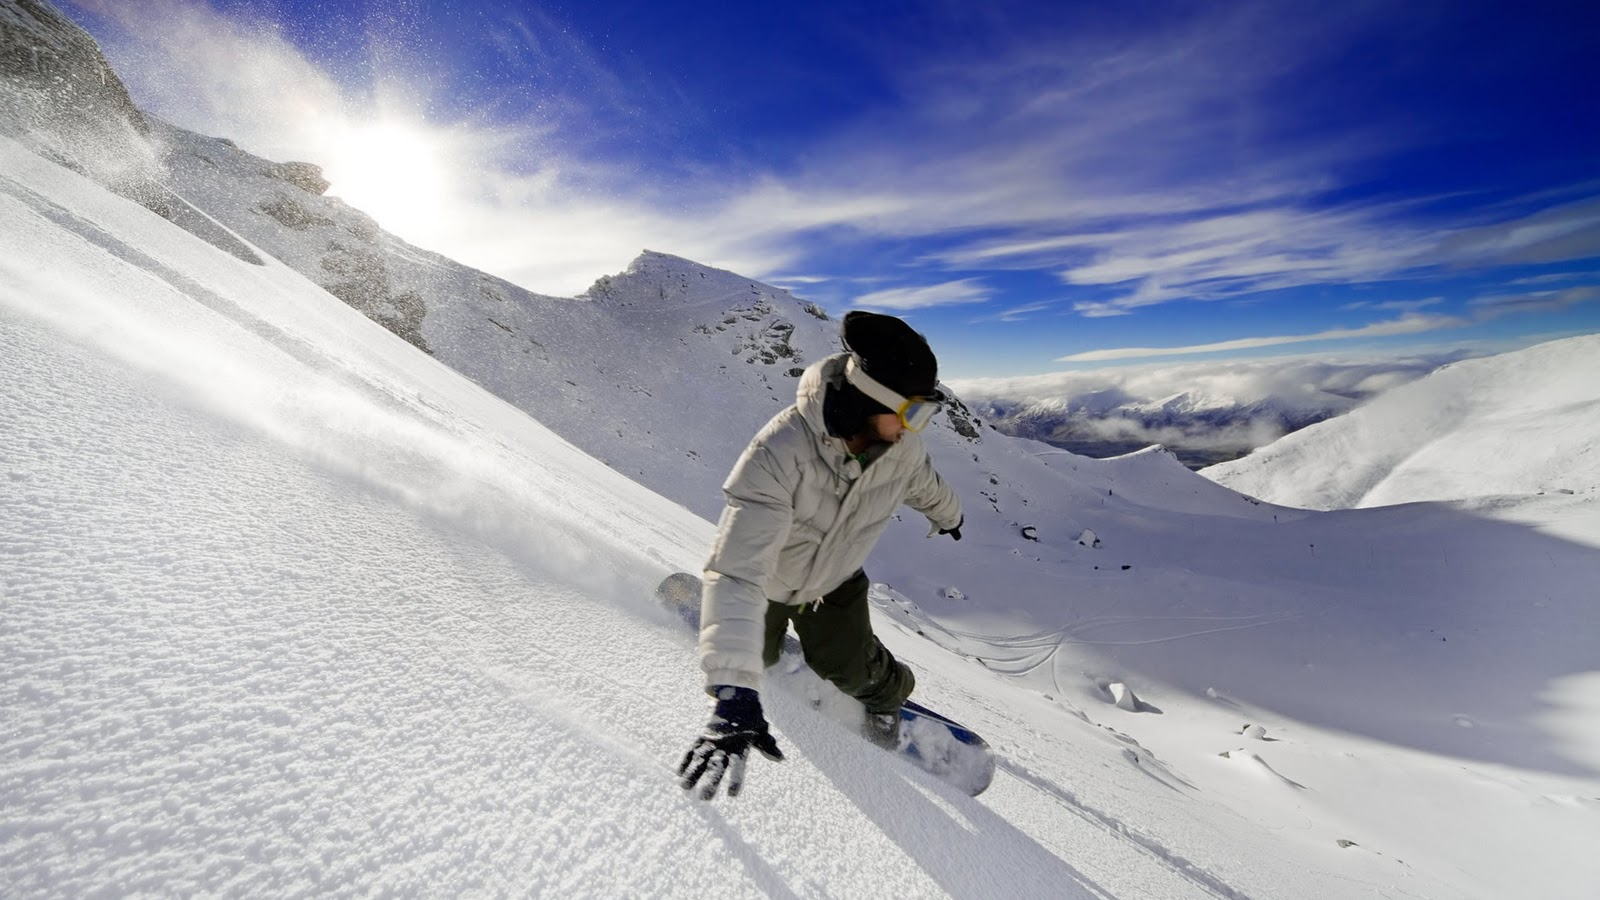 http://4.bp.blogspot.com/-zQwo65tGce0/TrVi5bh0pnI/AAAAAAAAUlM/VJ7Zn42NTkQ/s1600/ski-wallpaper-1920x1080-1109075.jpg